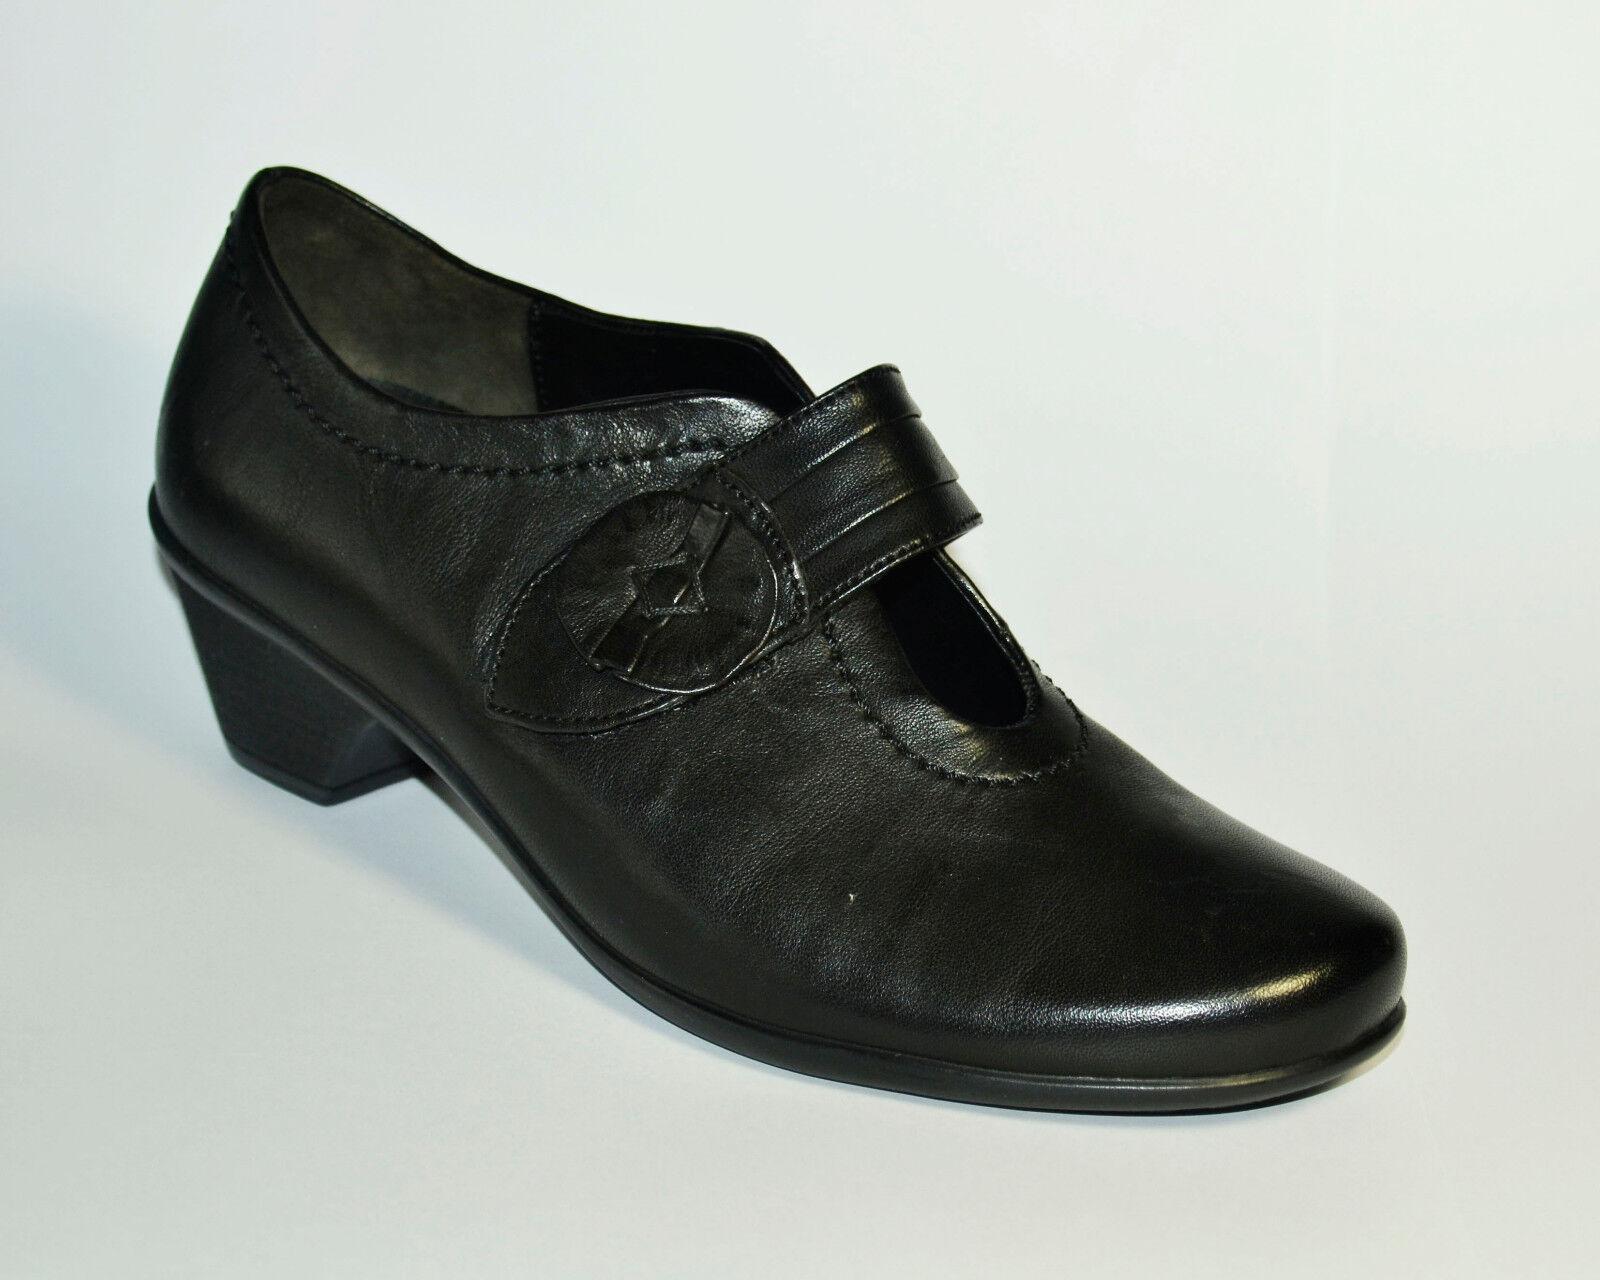 zapatos  señora zapatos  gabor spangenschuh cuero negro negro negro Gr. 37,5 (PE 1925/s) 35d4ff